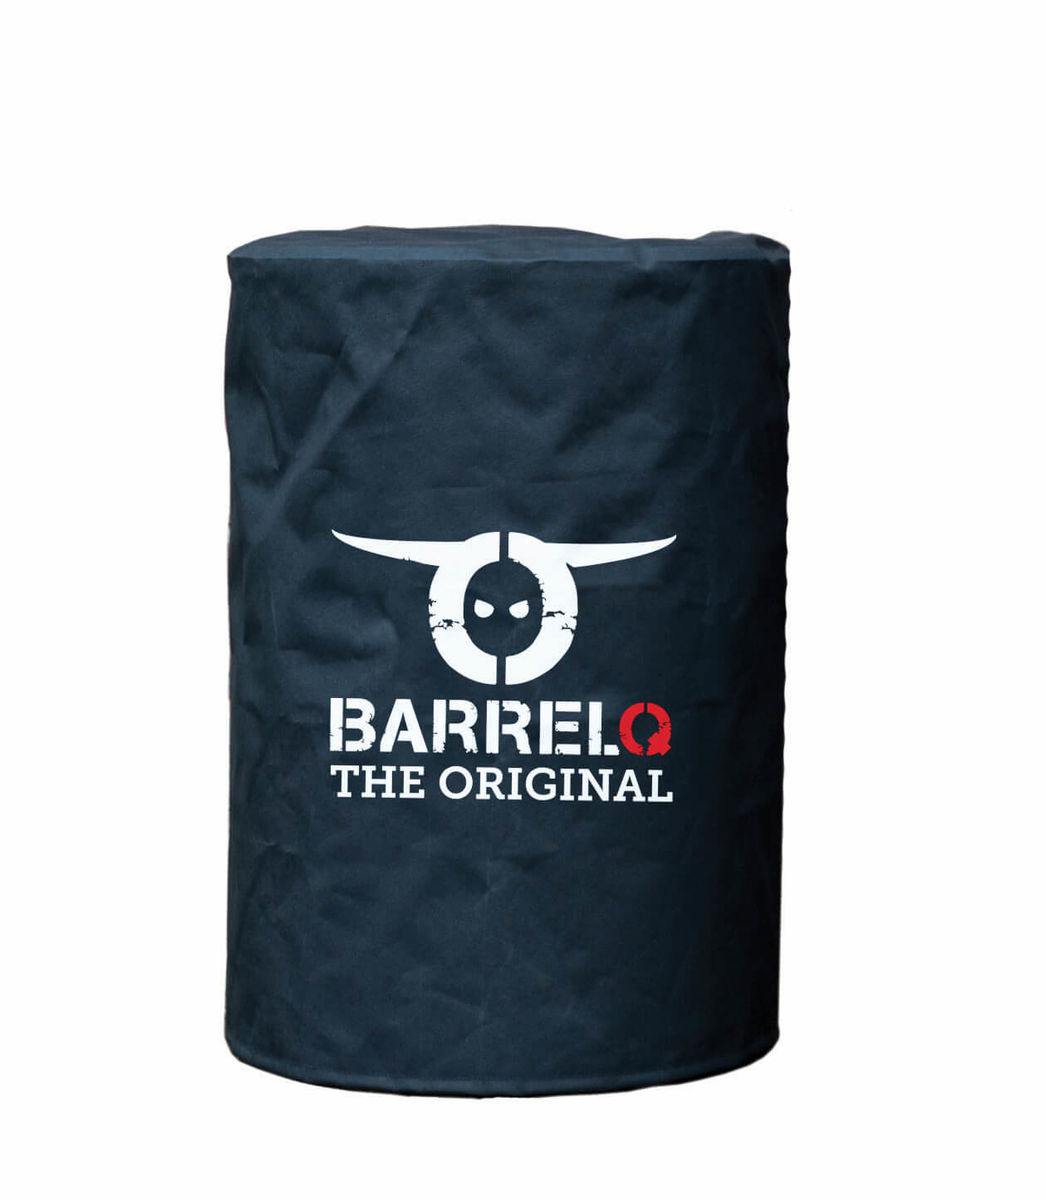 Image of BarrelQ Abdeckhaube für Small Grill Zubehör